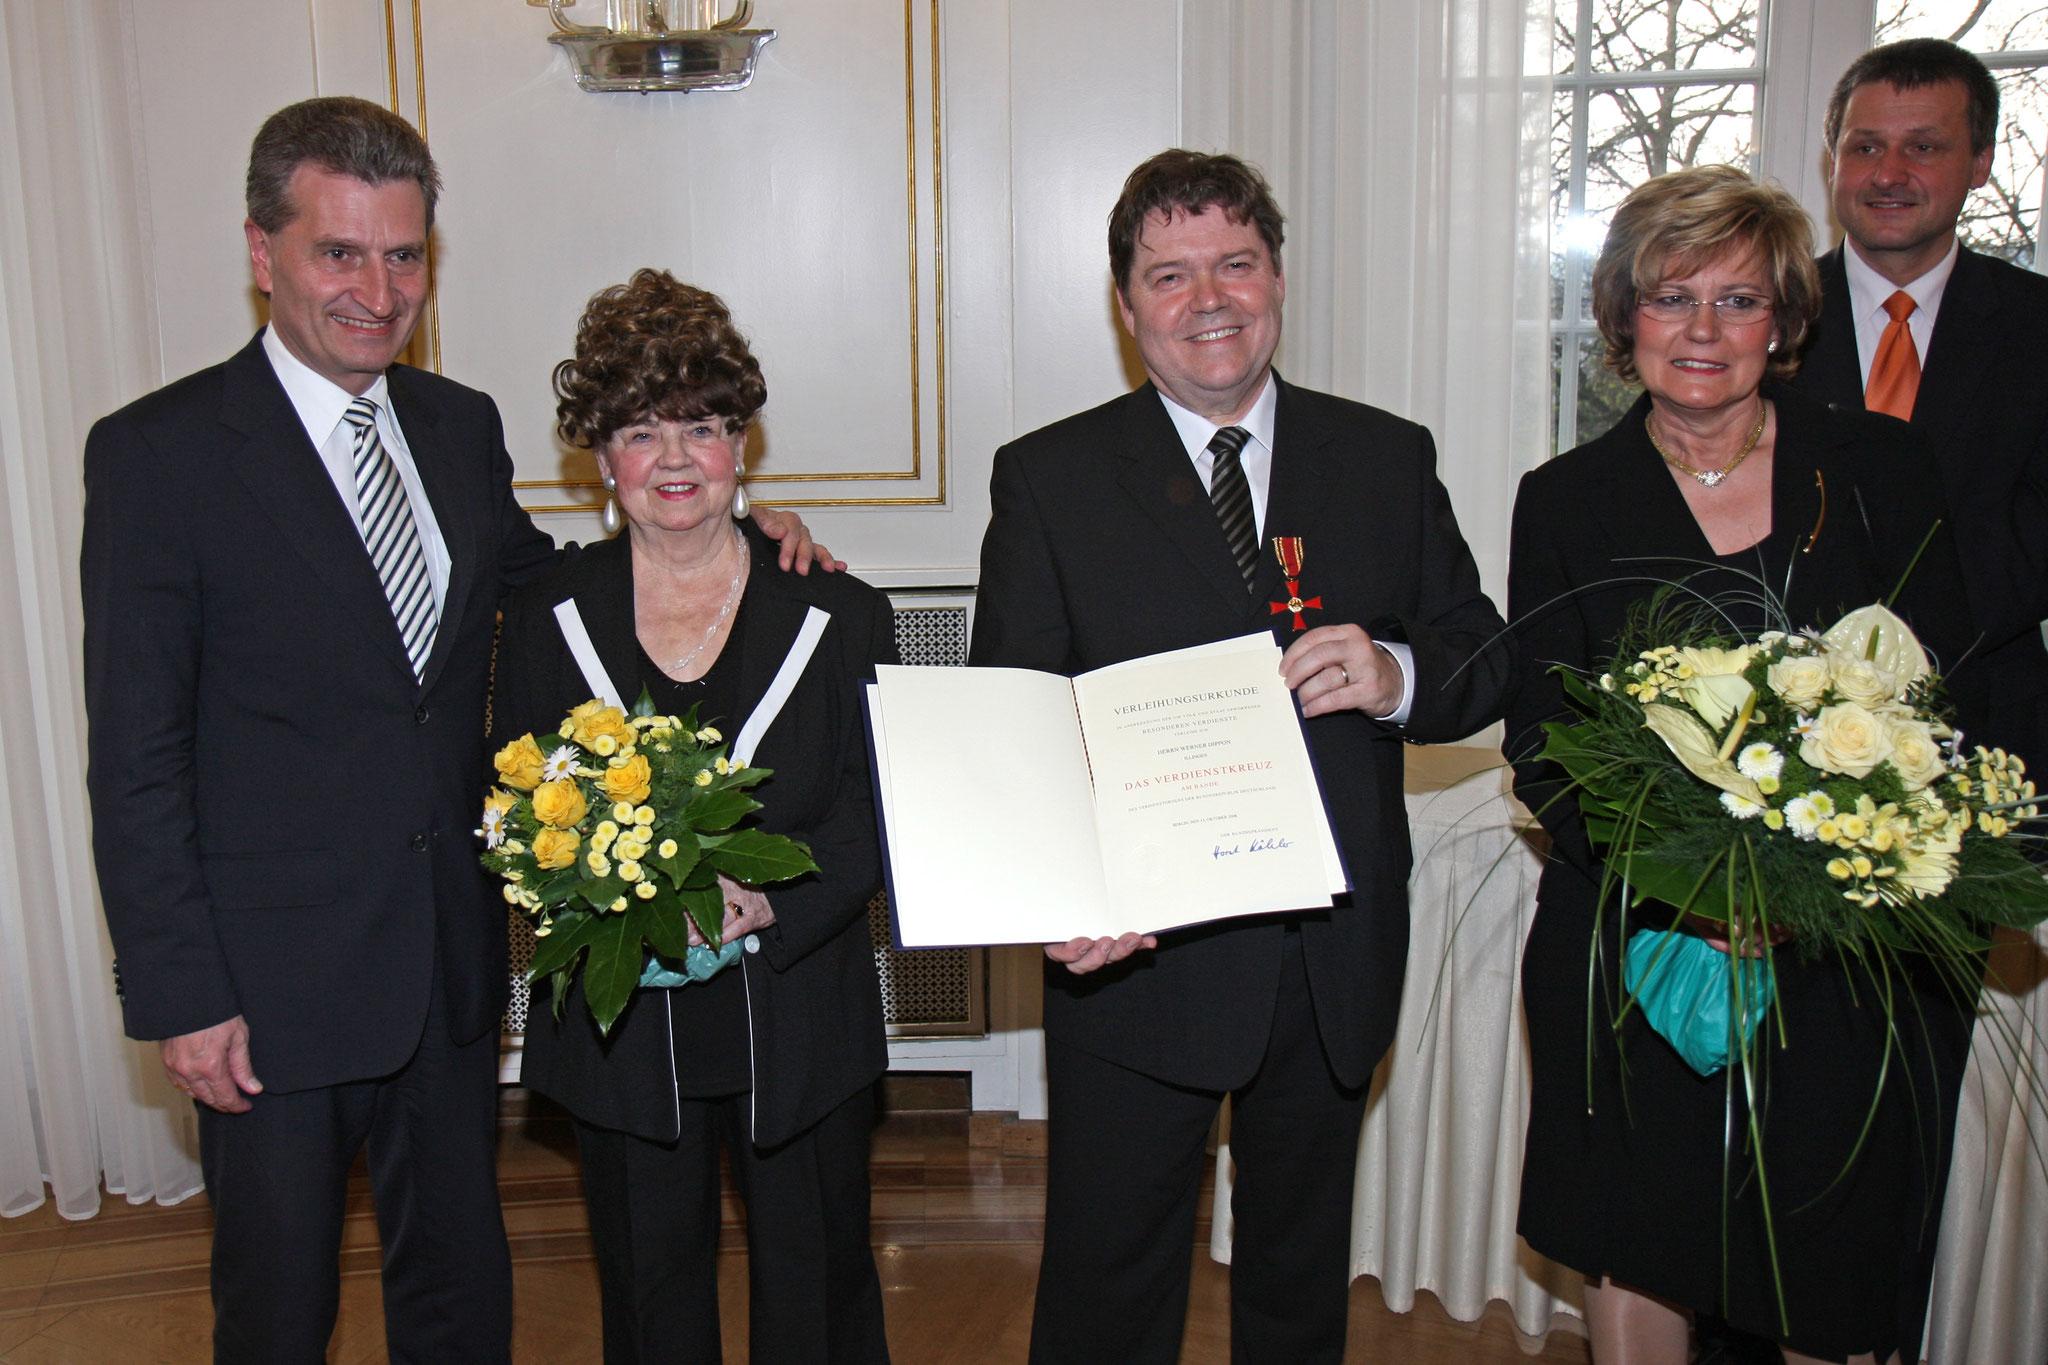 MP G.H. Oettinger - Hilde Dippon - Werner Dippon - Inge Dippon - H.U. Rülke